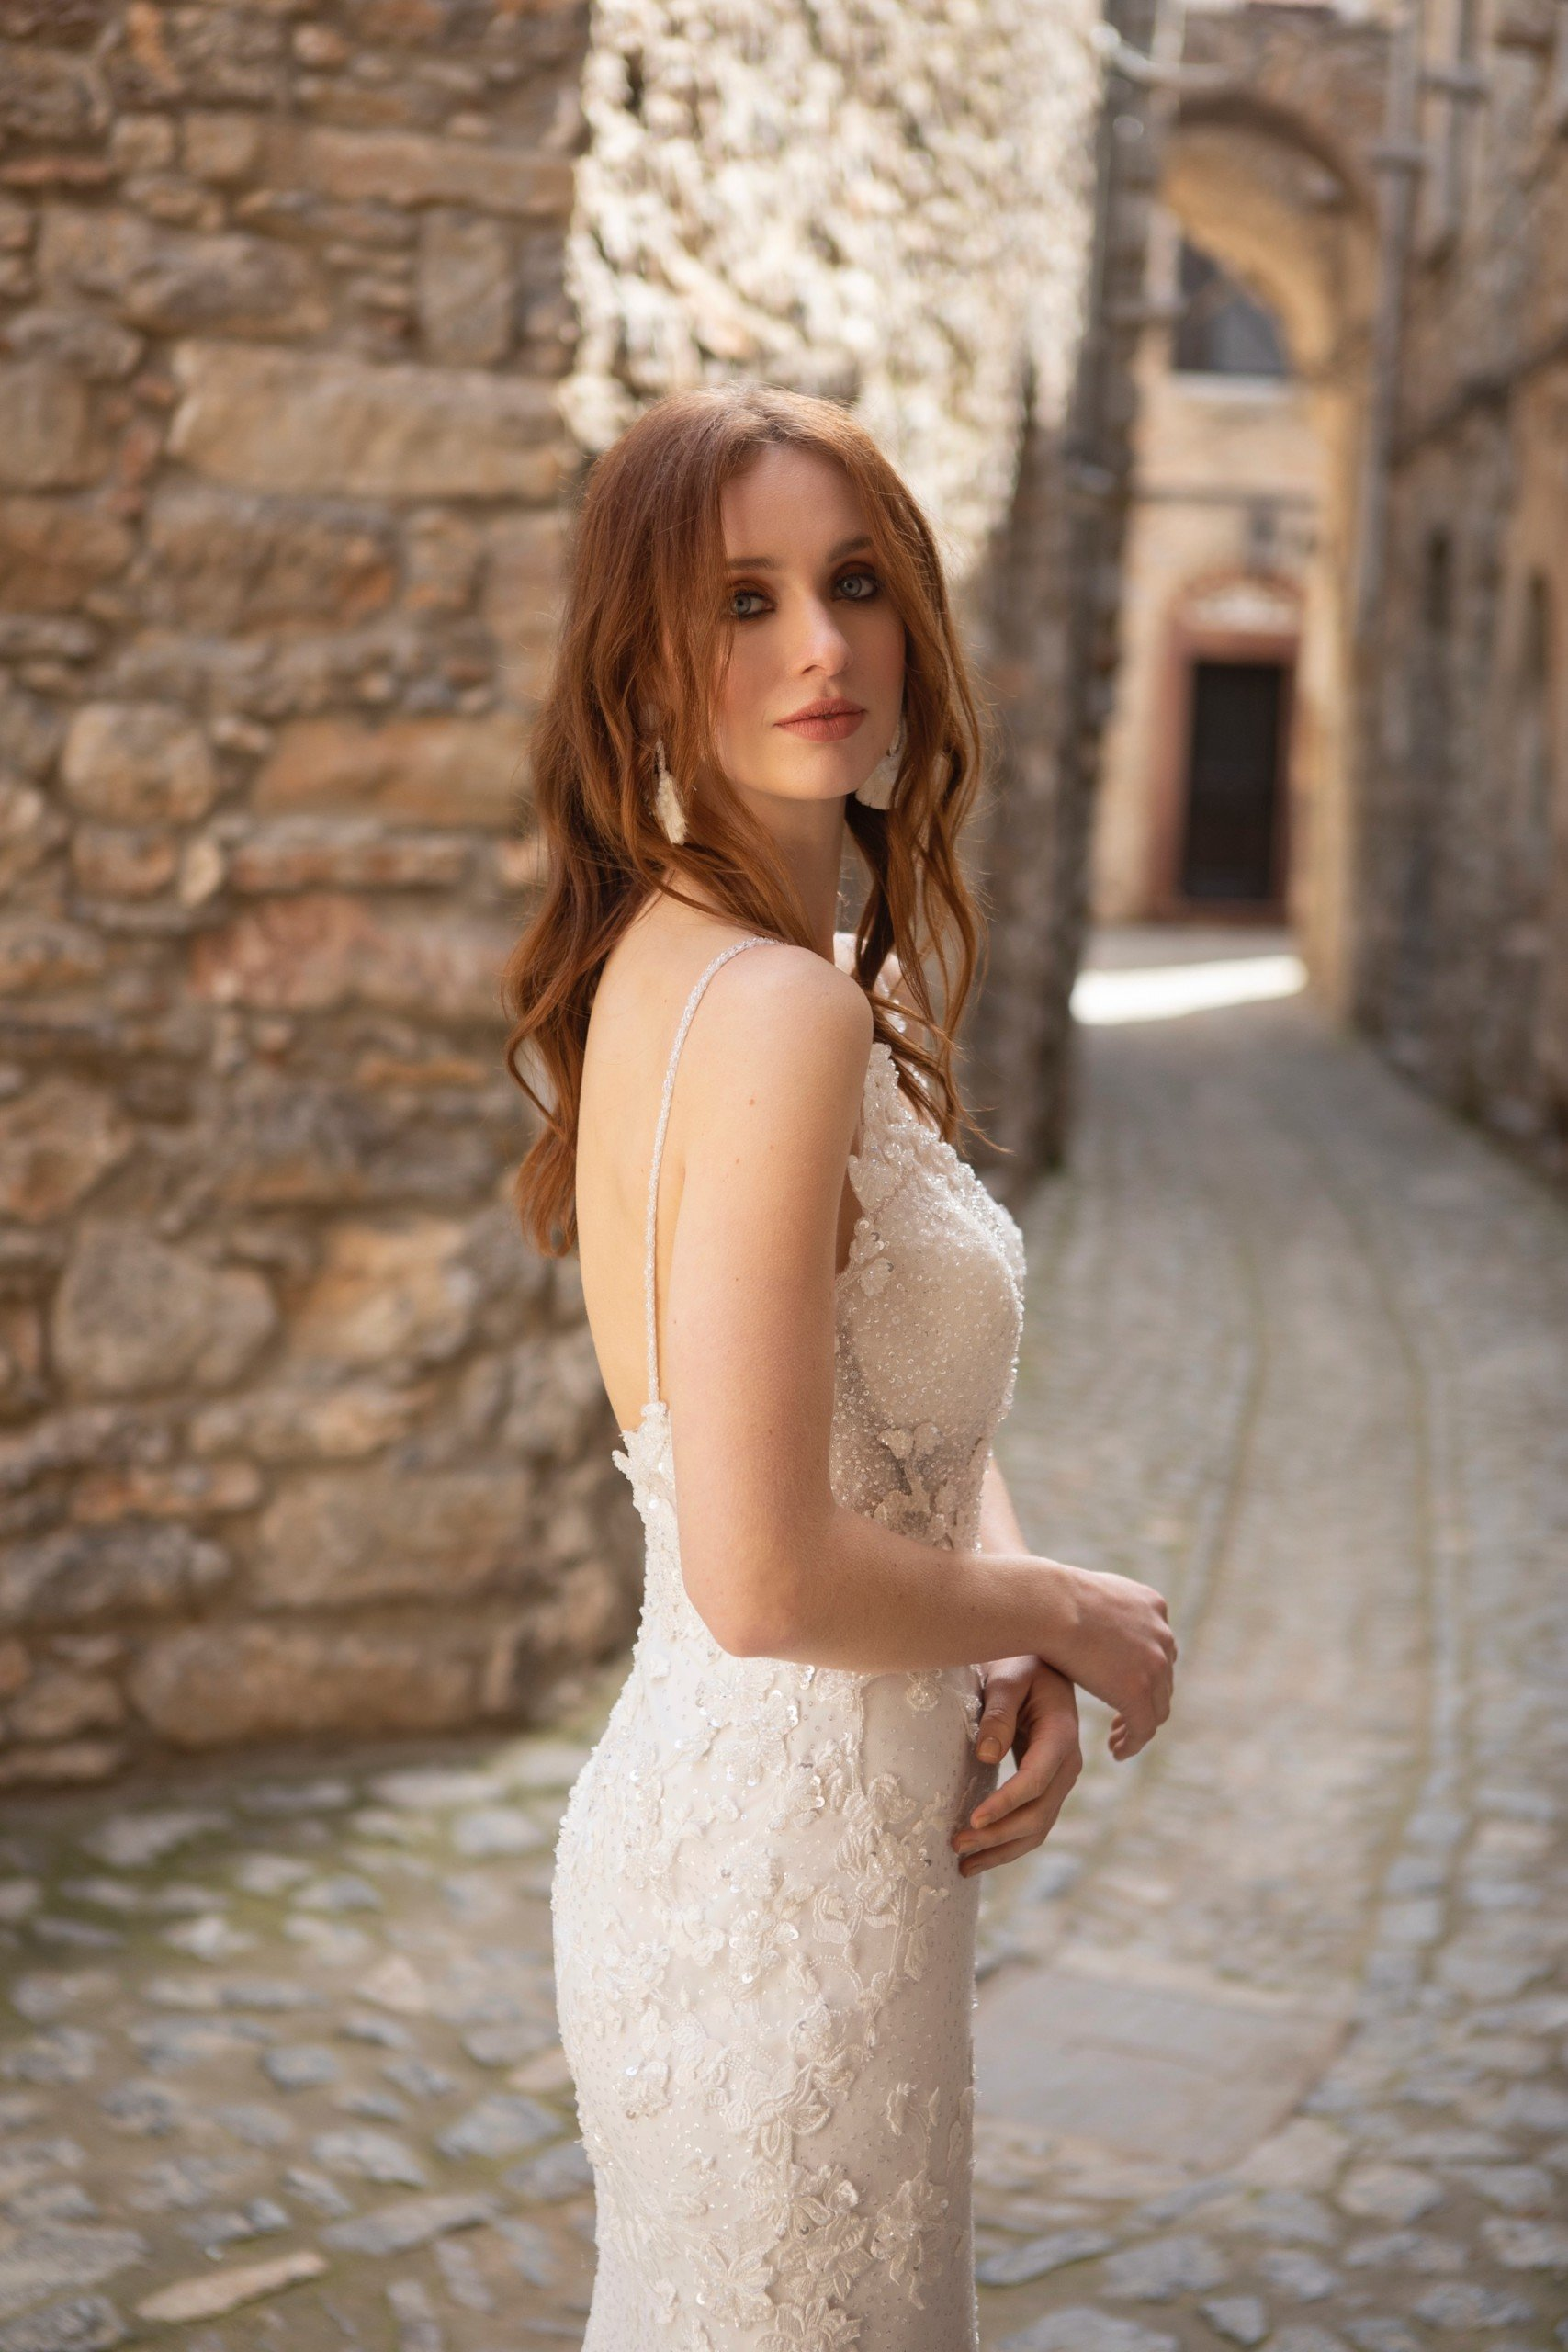 Fit-and-Flare-Brautkleid mit Spitzendekorationen, Plunge-Ausschnitt und tiefem Rückendekollleté von Emine Yildirim, Modell 2037